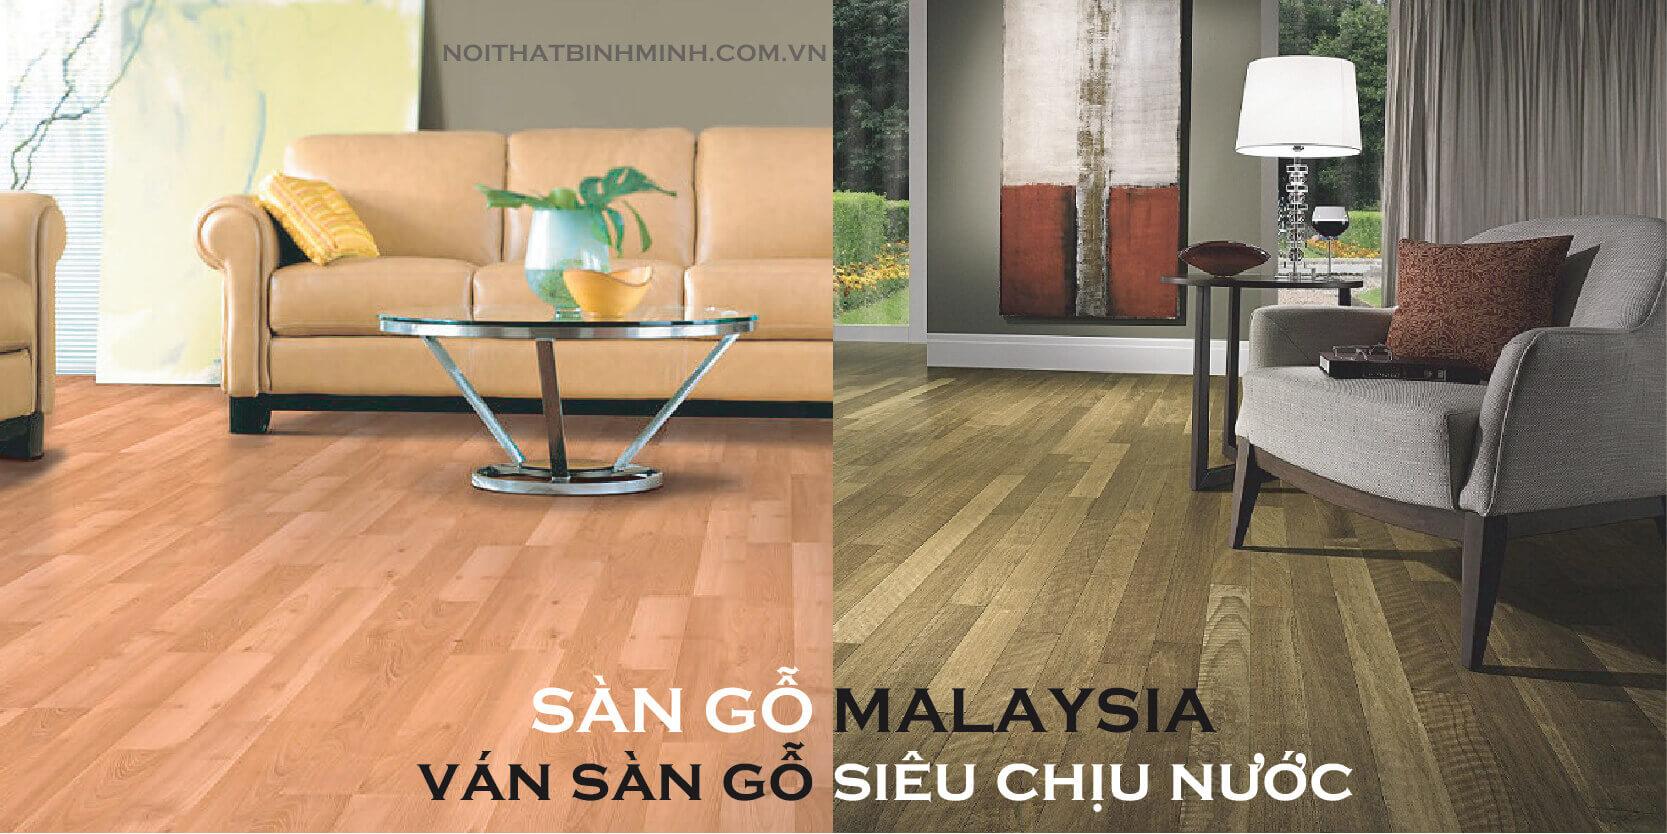 san-go-malaysia-chinh-hang